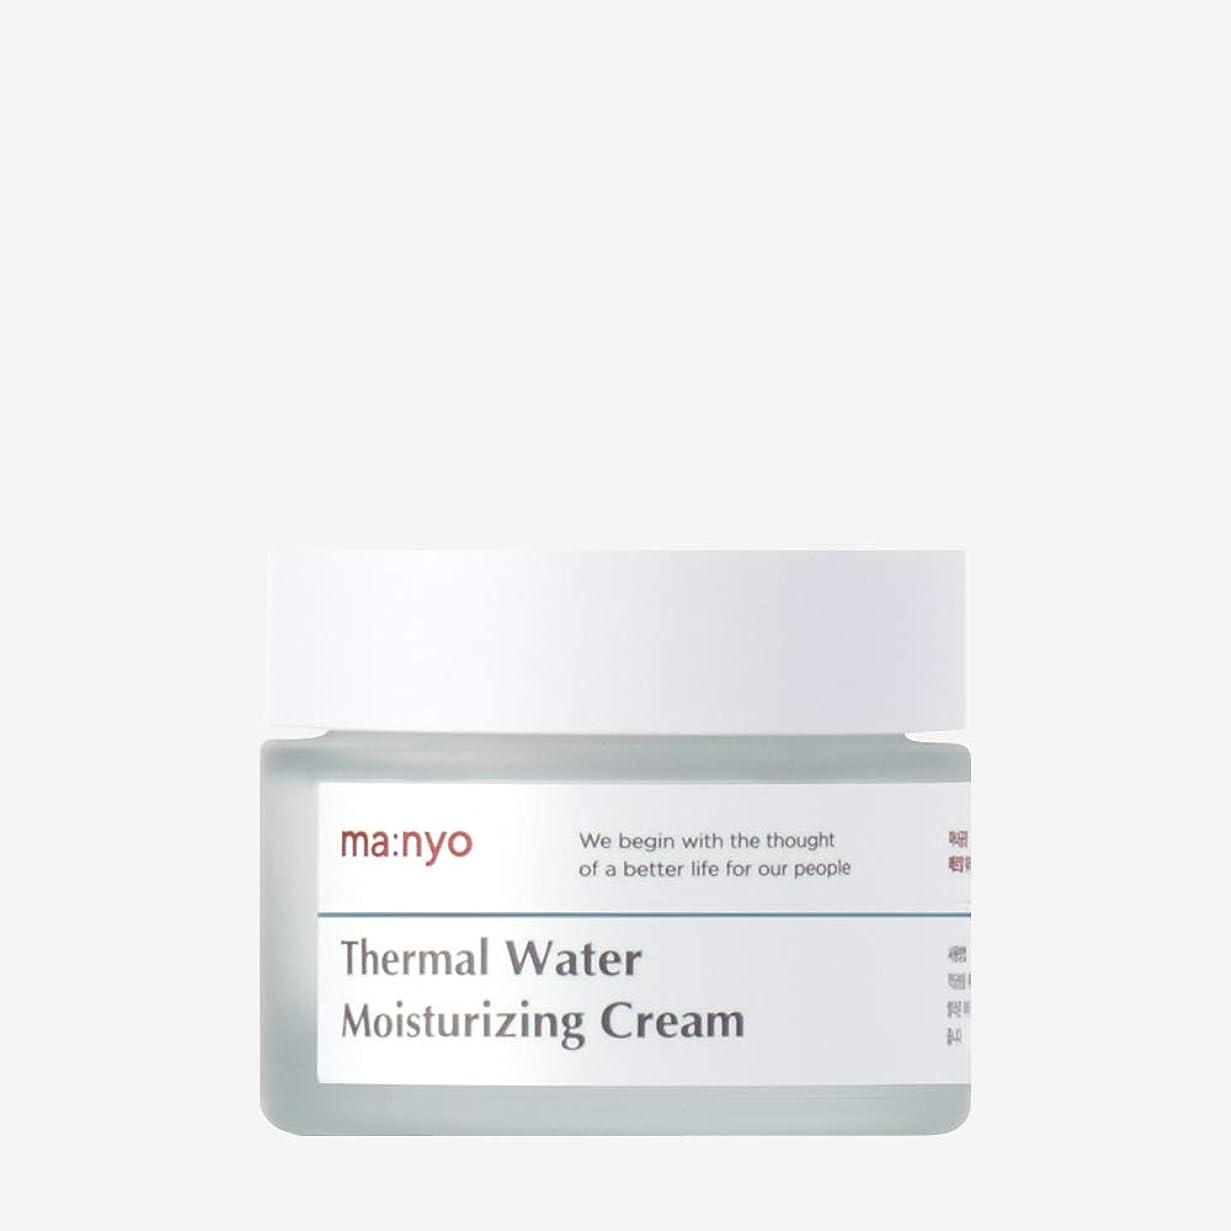 聖人ペルメル時代遅れ魔女工場(Manyo Factory) 温泉水ミネラルクリーム 50ml / 天然ミネラル、チェコ温泉水67%で保湿補充